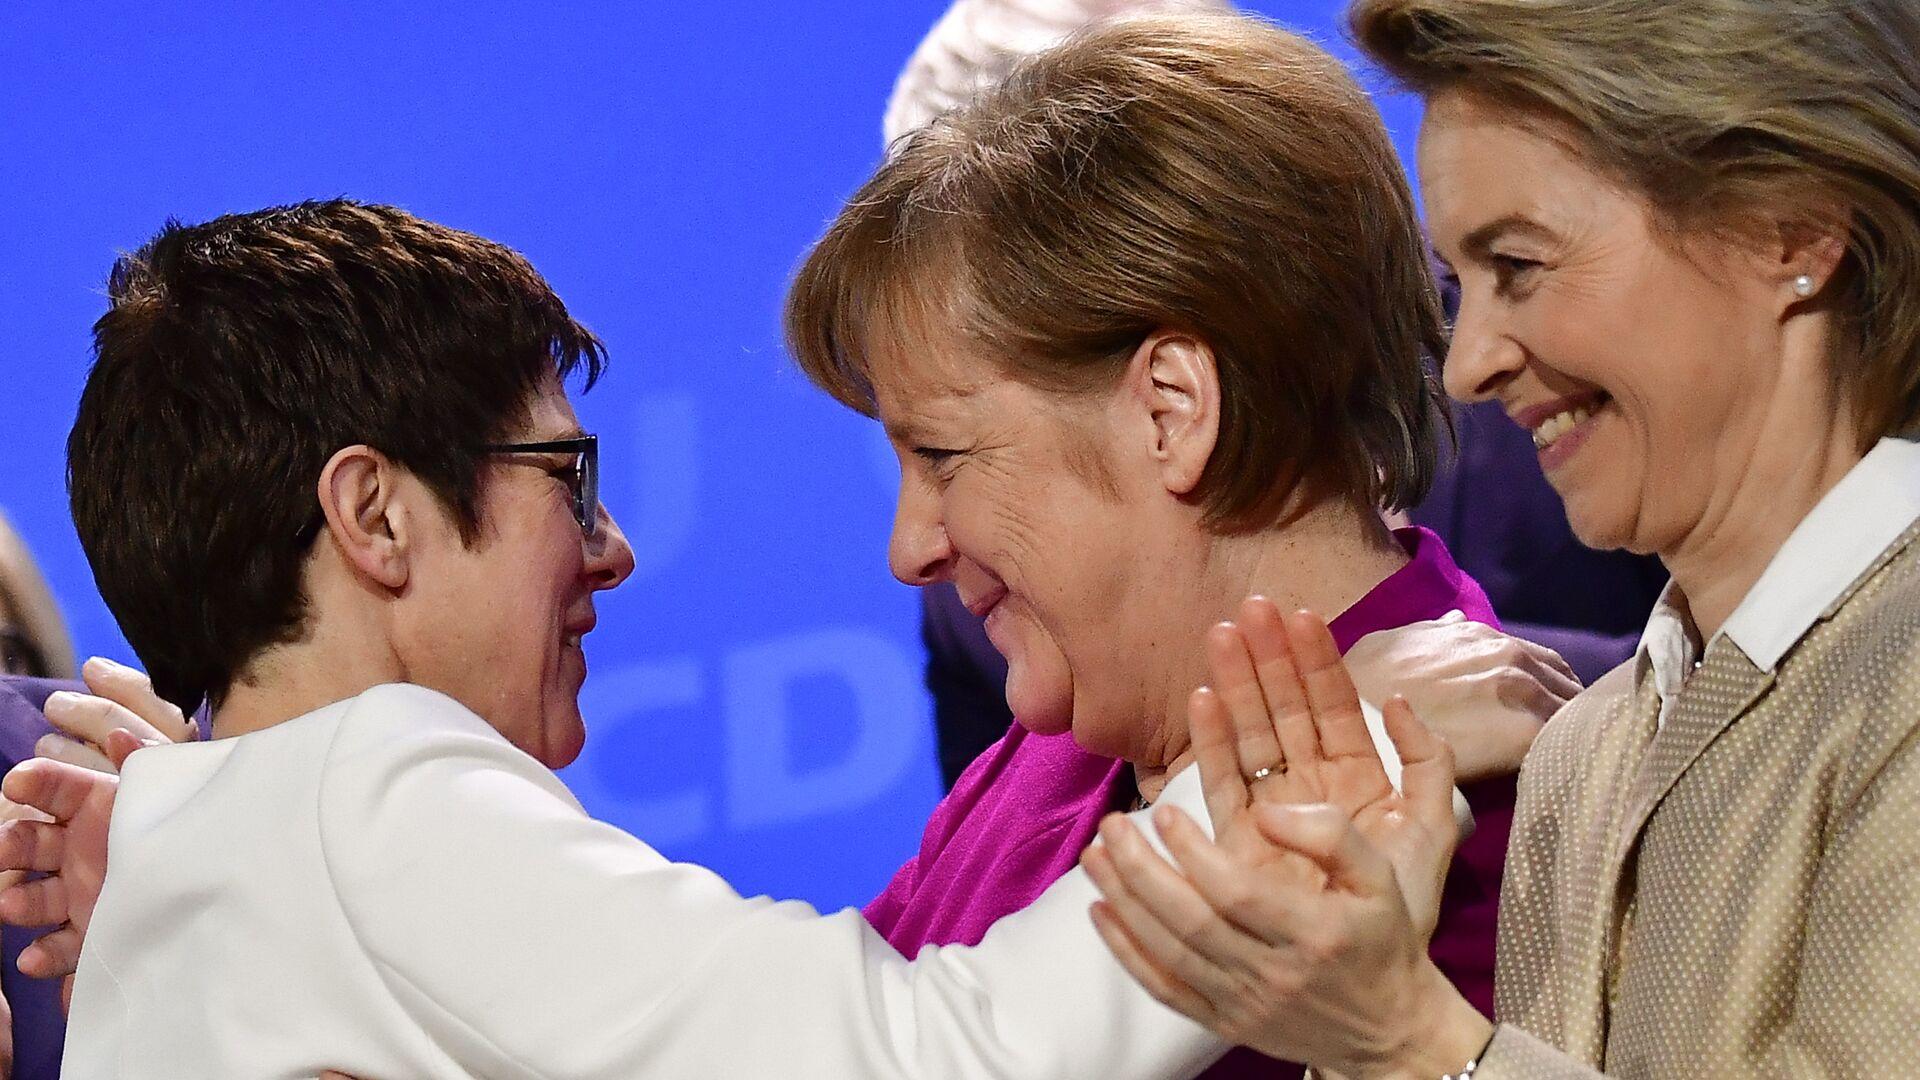 Канцлер Германии Ангела Меркель обнимает премьер-министра федеральной земли Саар Аннегрет Крамп-Карренбауэр на съезде ХДС, Германия. 26 февраля 2018 - РИА Новости, 1920, 11.03.2018